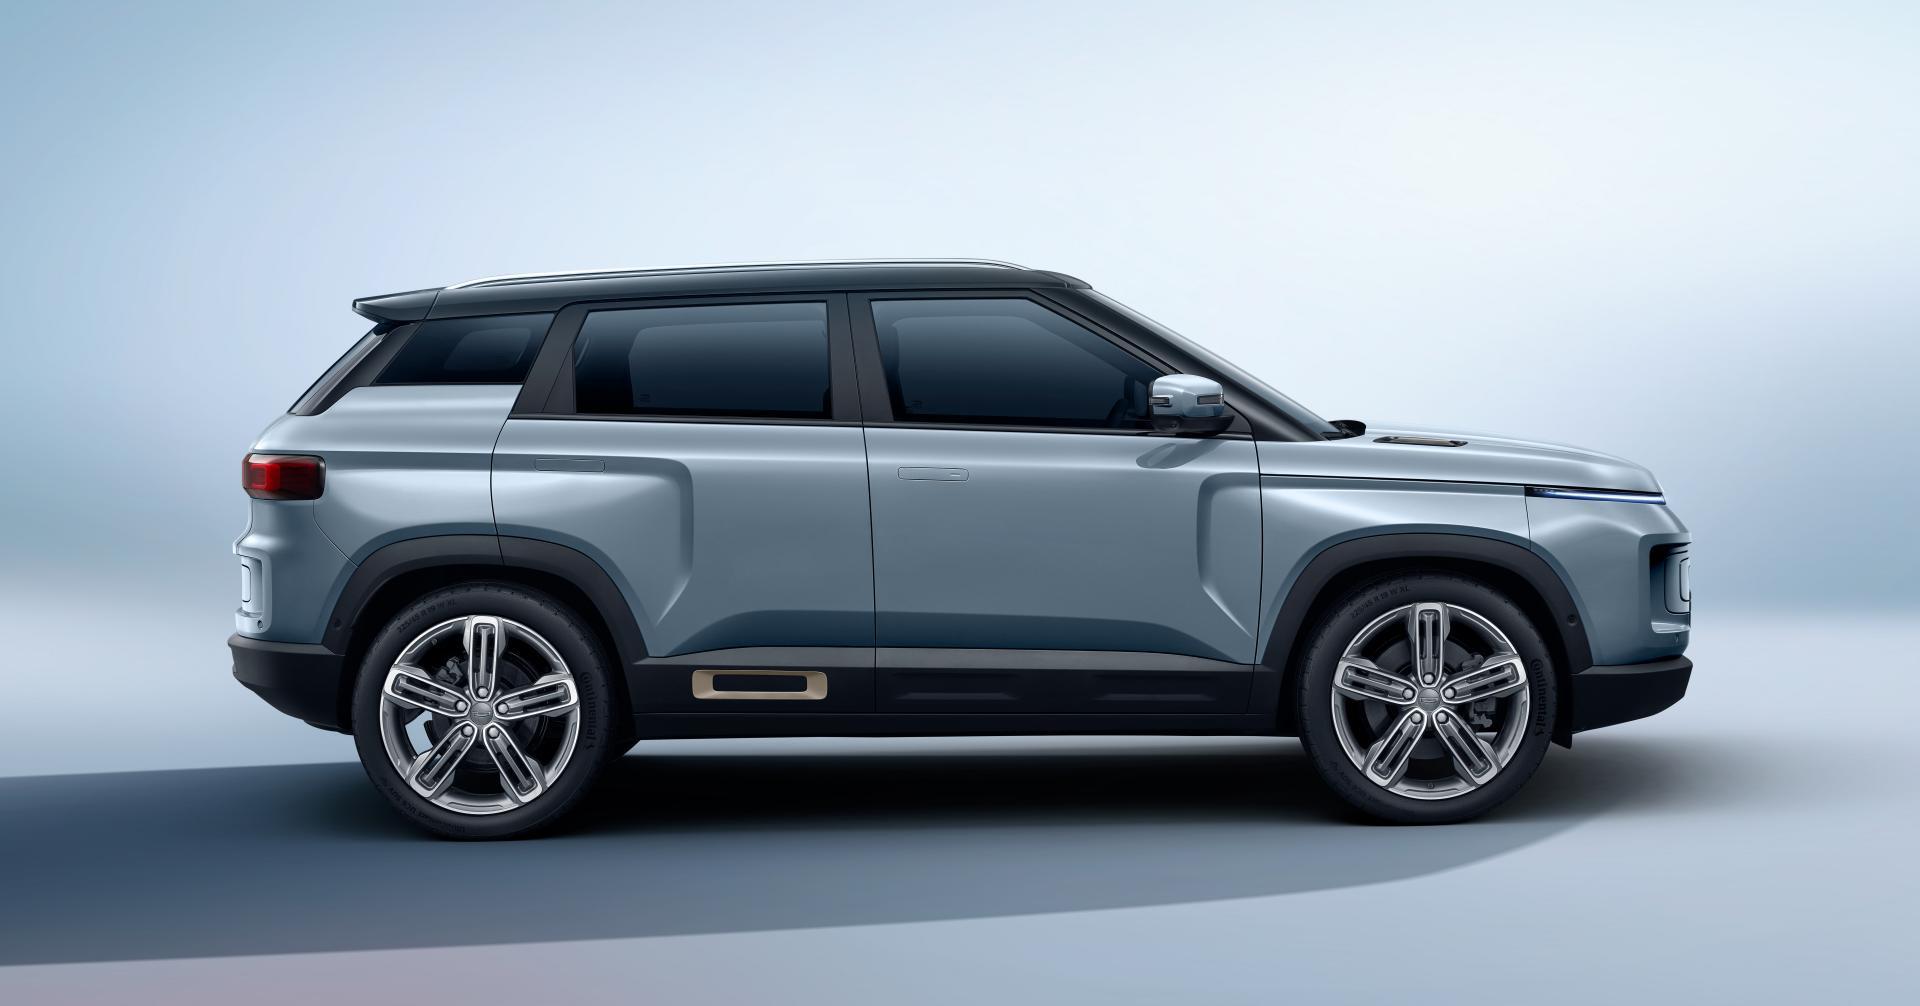 Hãng xe Trung Quốc Geely mở bán SUV Icon đẹp như Volvo, bảo vệ người dùng khỏi Corona, giá rẻ bèo từ 16.500 USD - Ảnh 3.